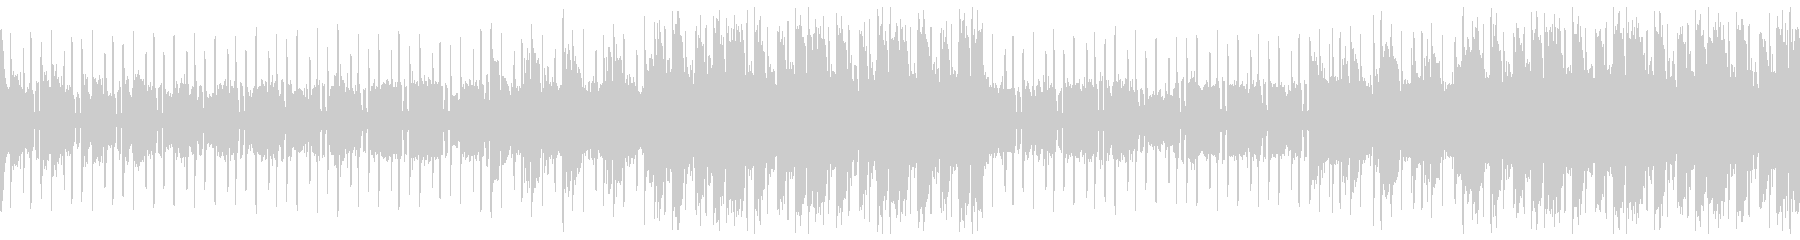 ループバージョンの未再生の波形